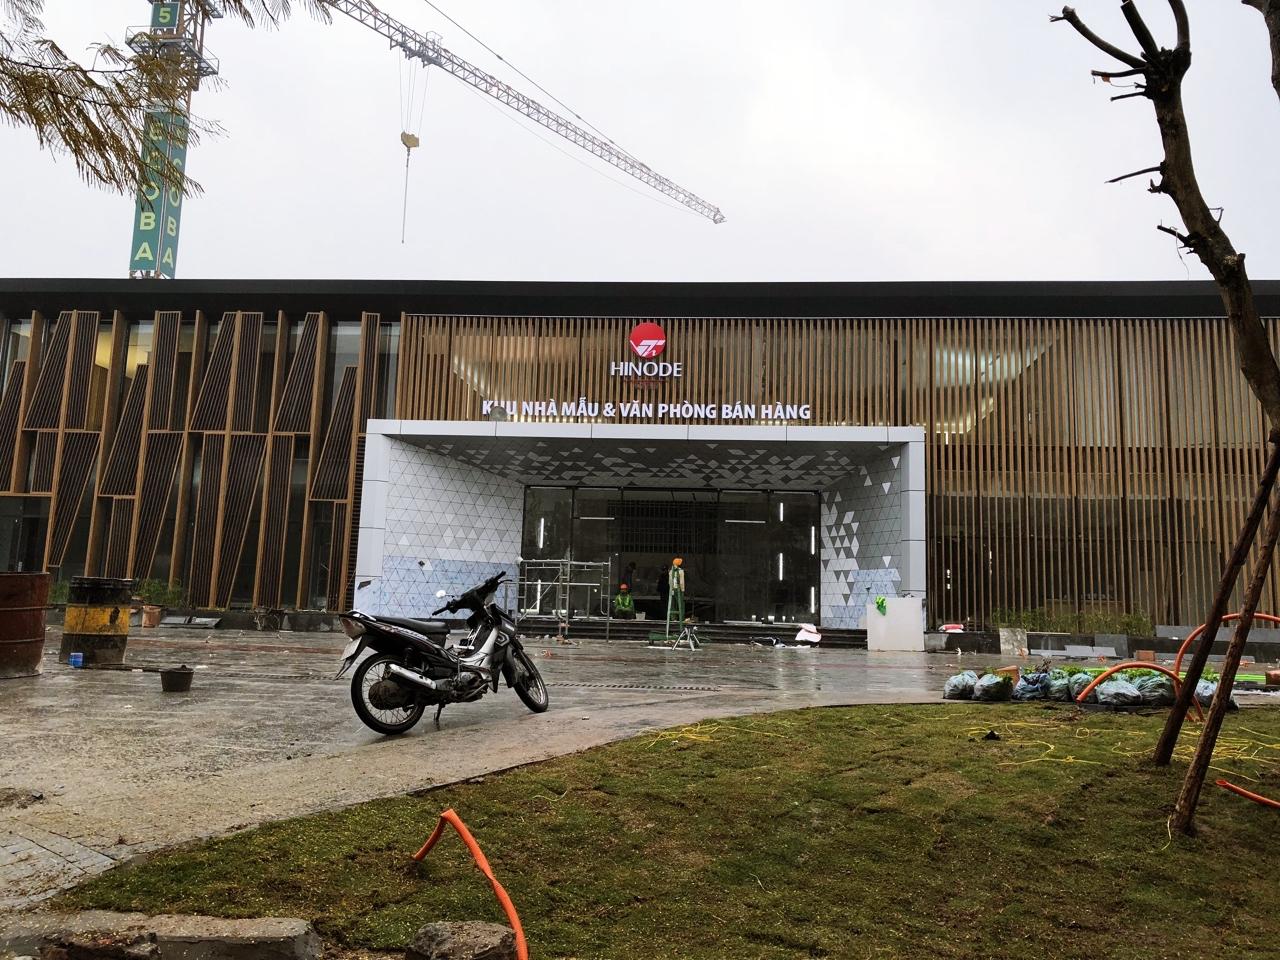 Ngày 13/01/2017 chính thức khai trương nhà mẫu dự án Hinode City